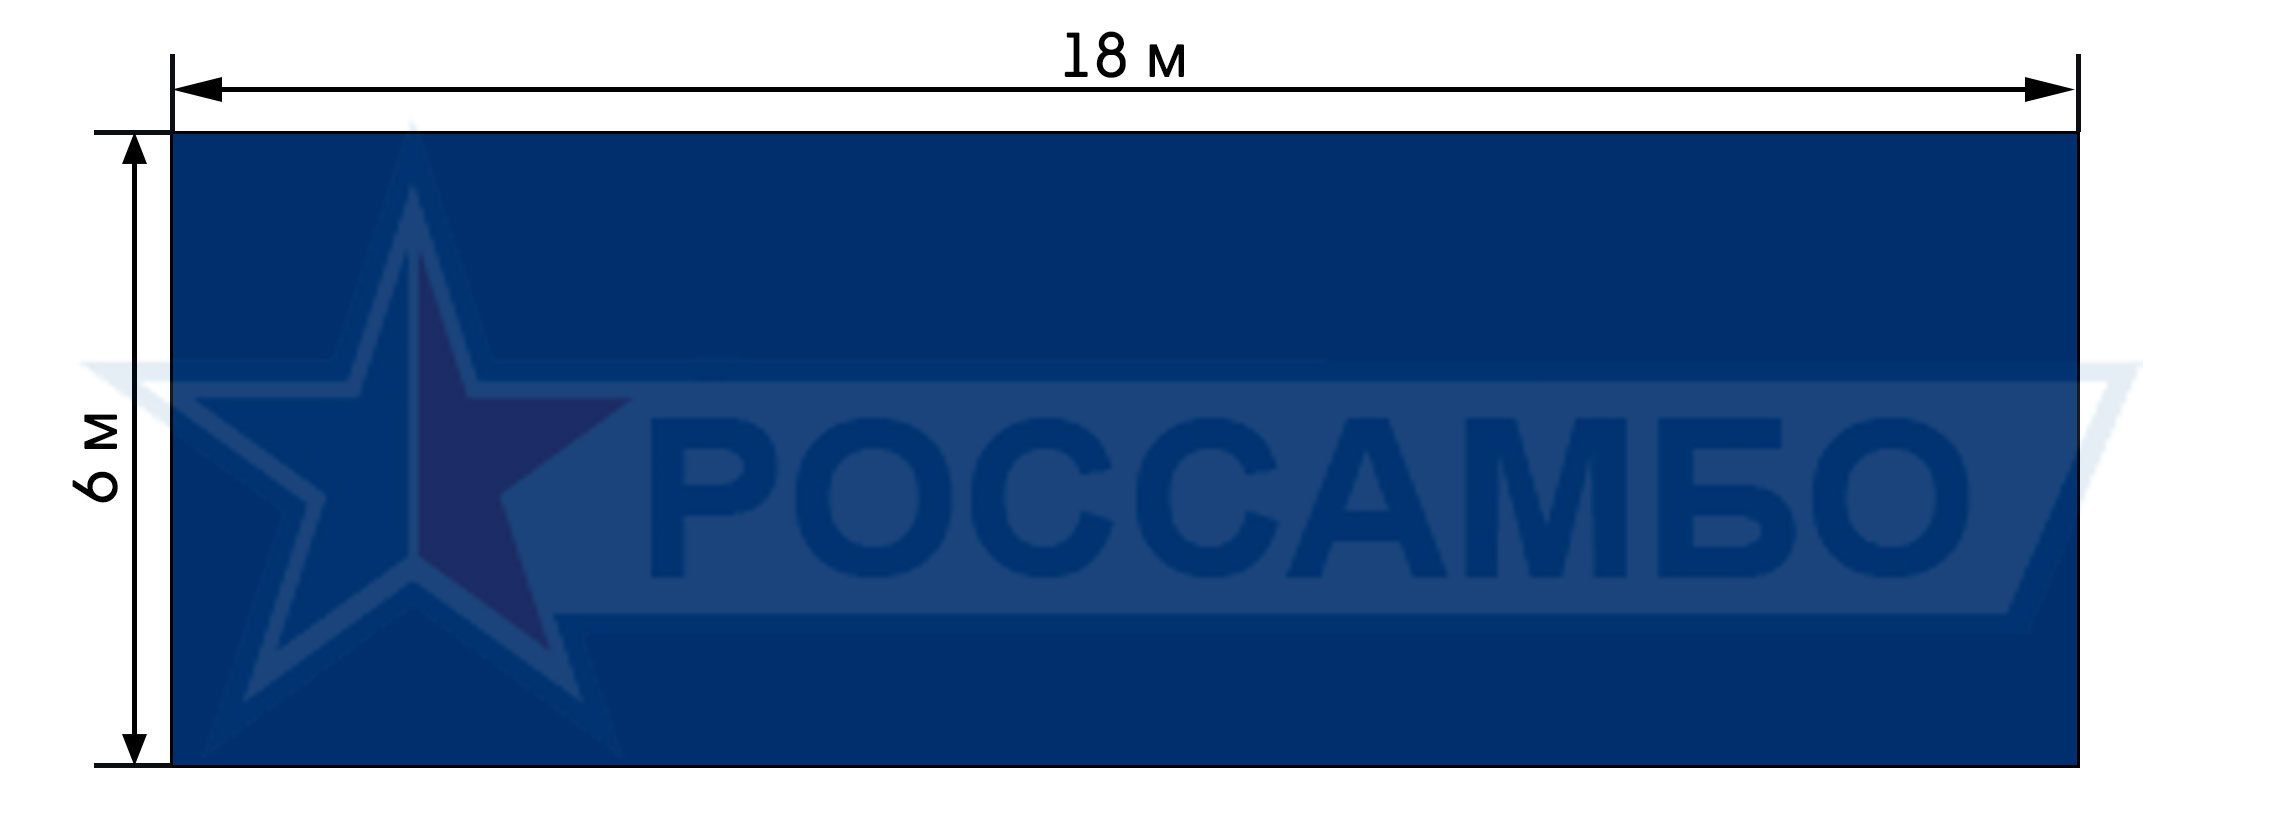 Нестандартное покрытие для борцовского ковра от РОССАМБО